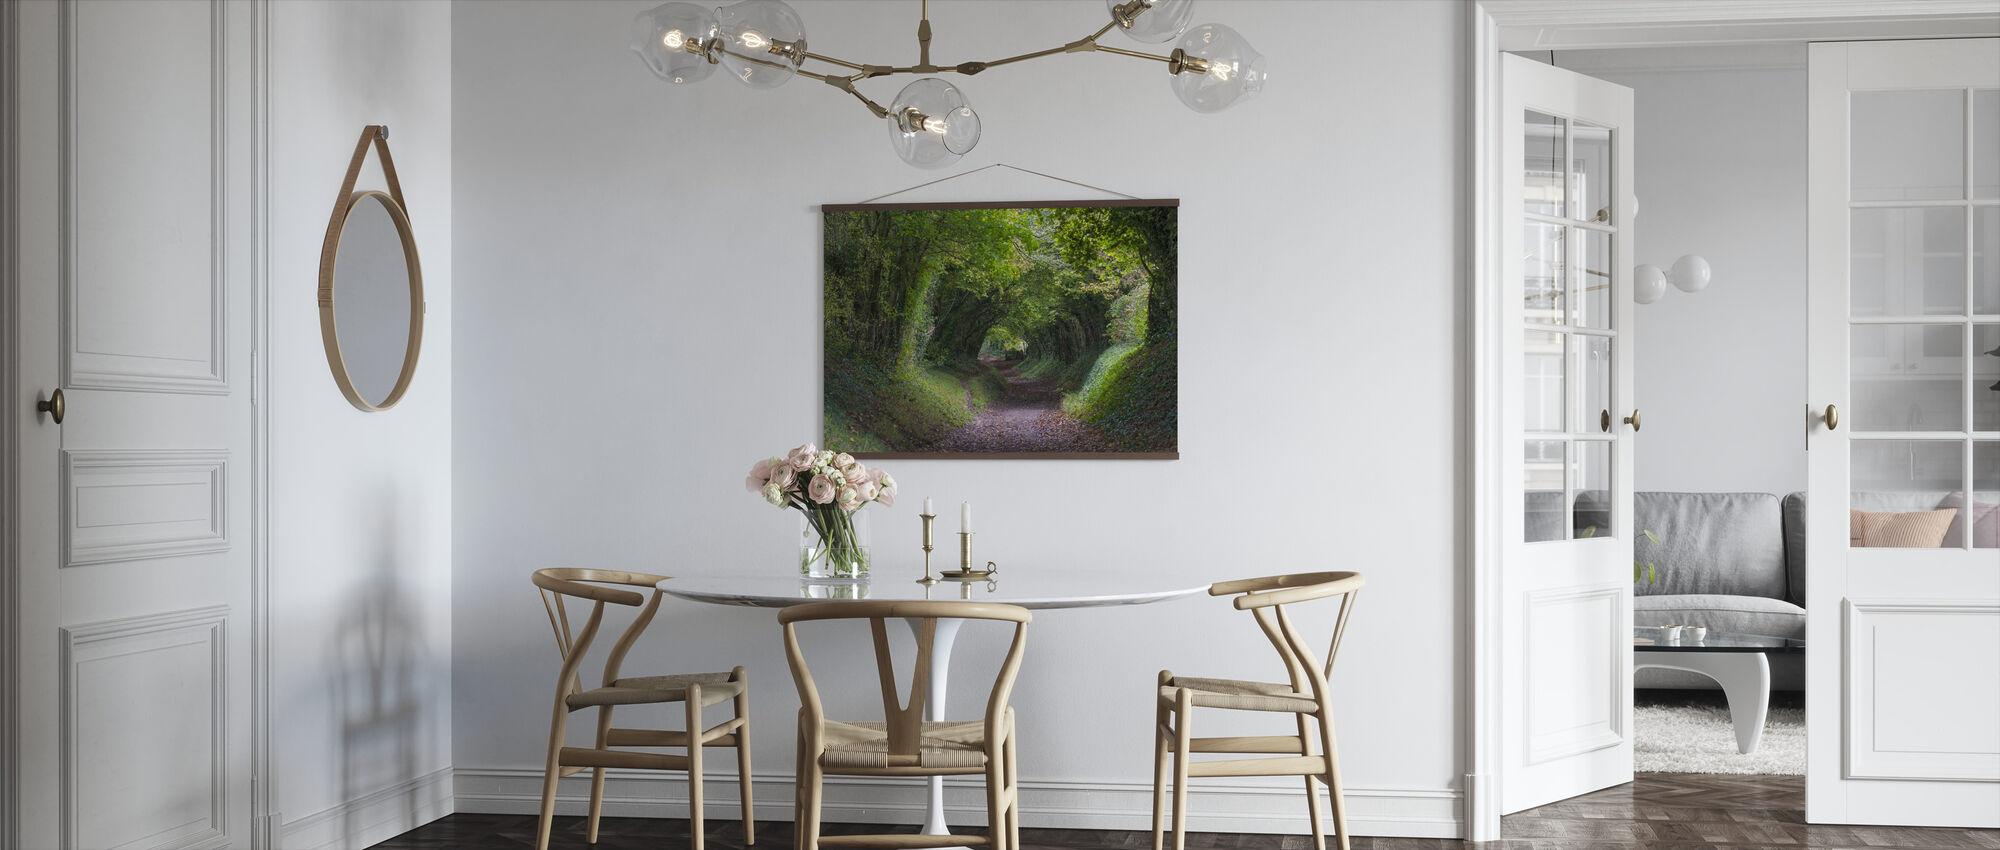 Tunnel av träd - Poster - Kök